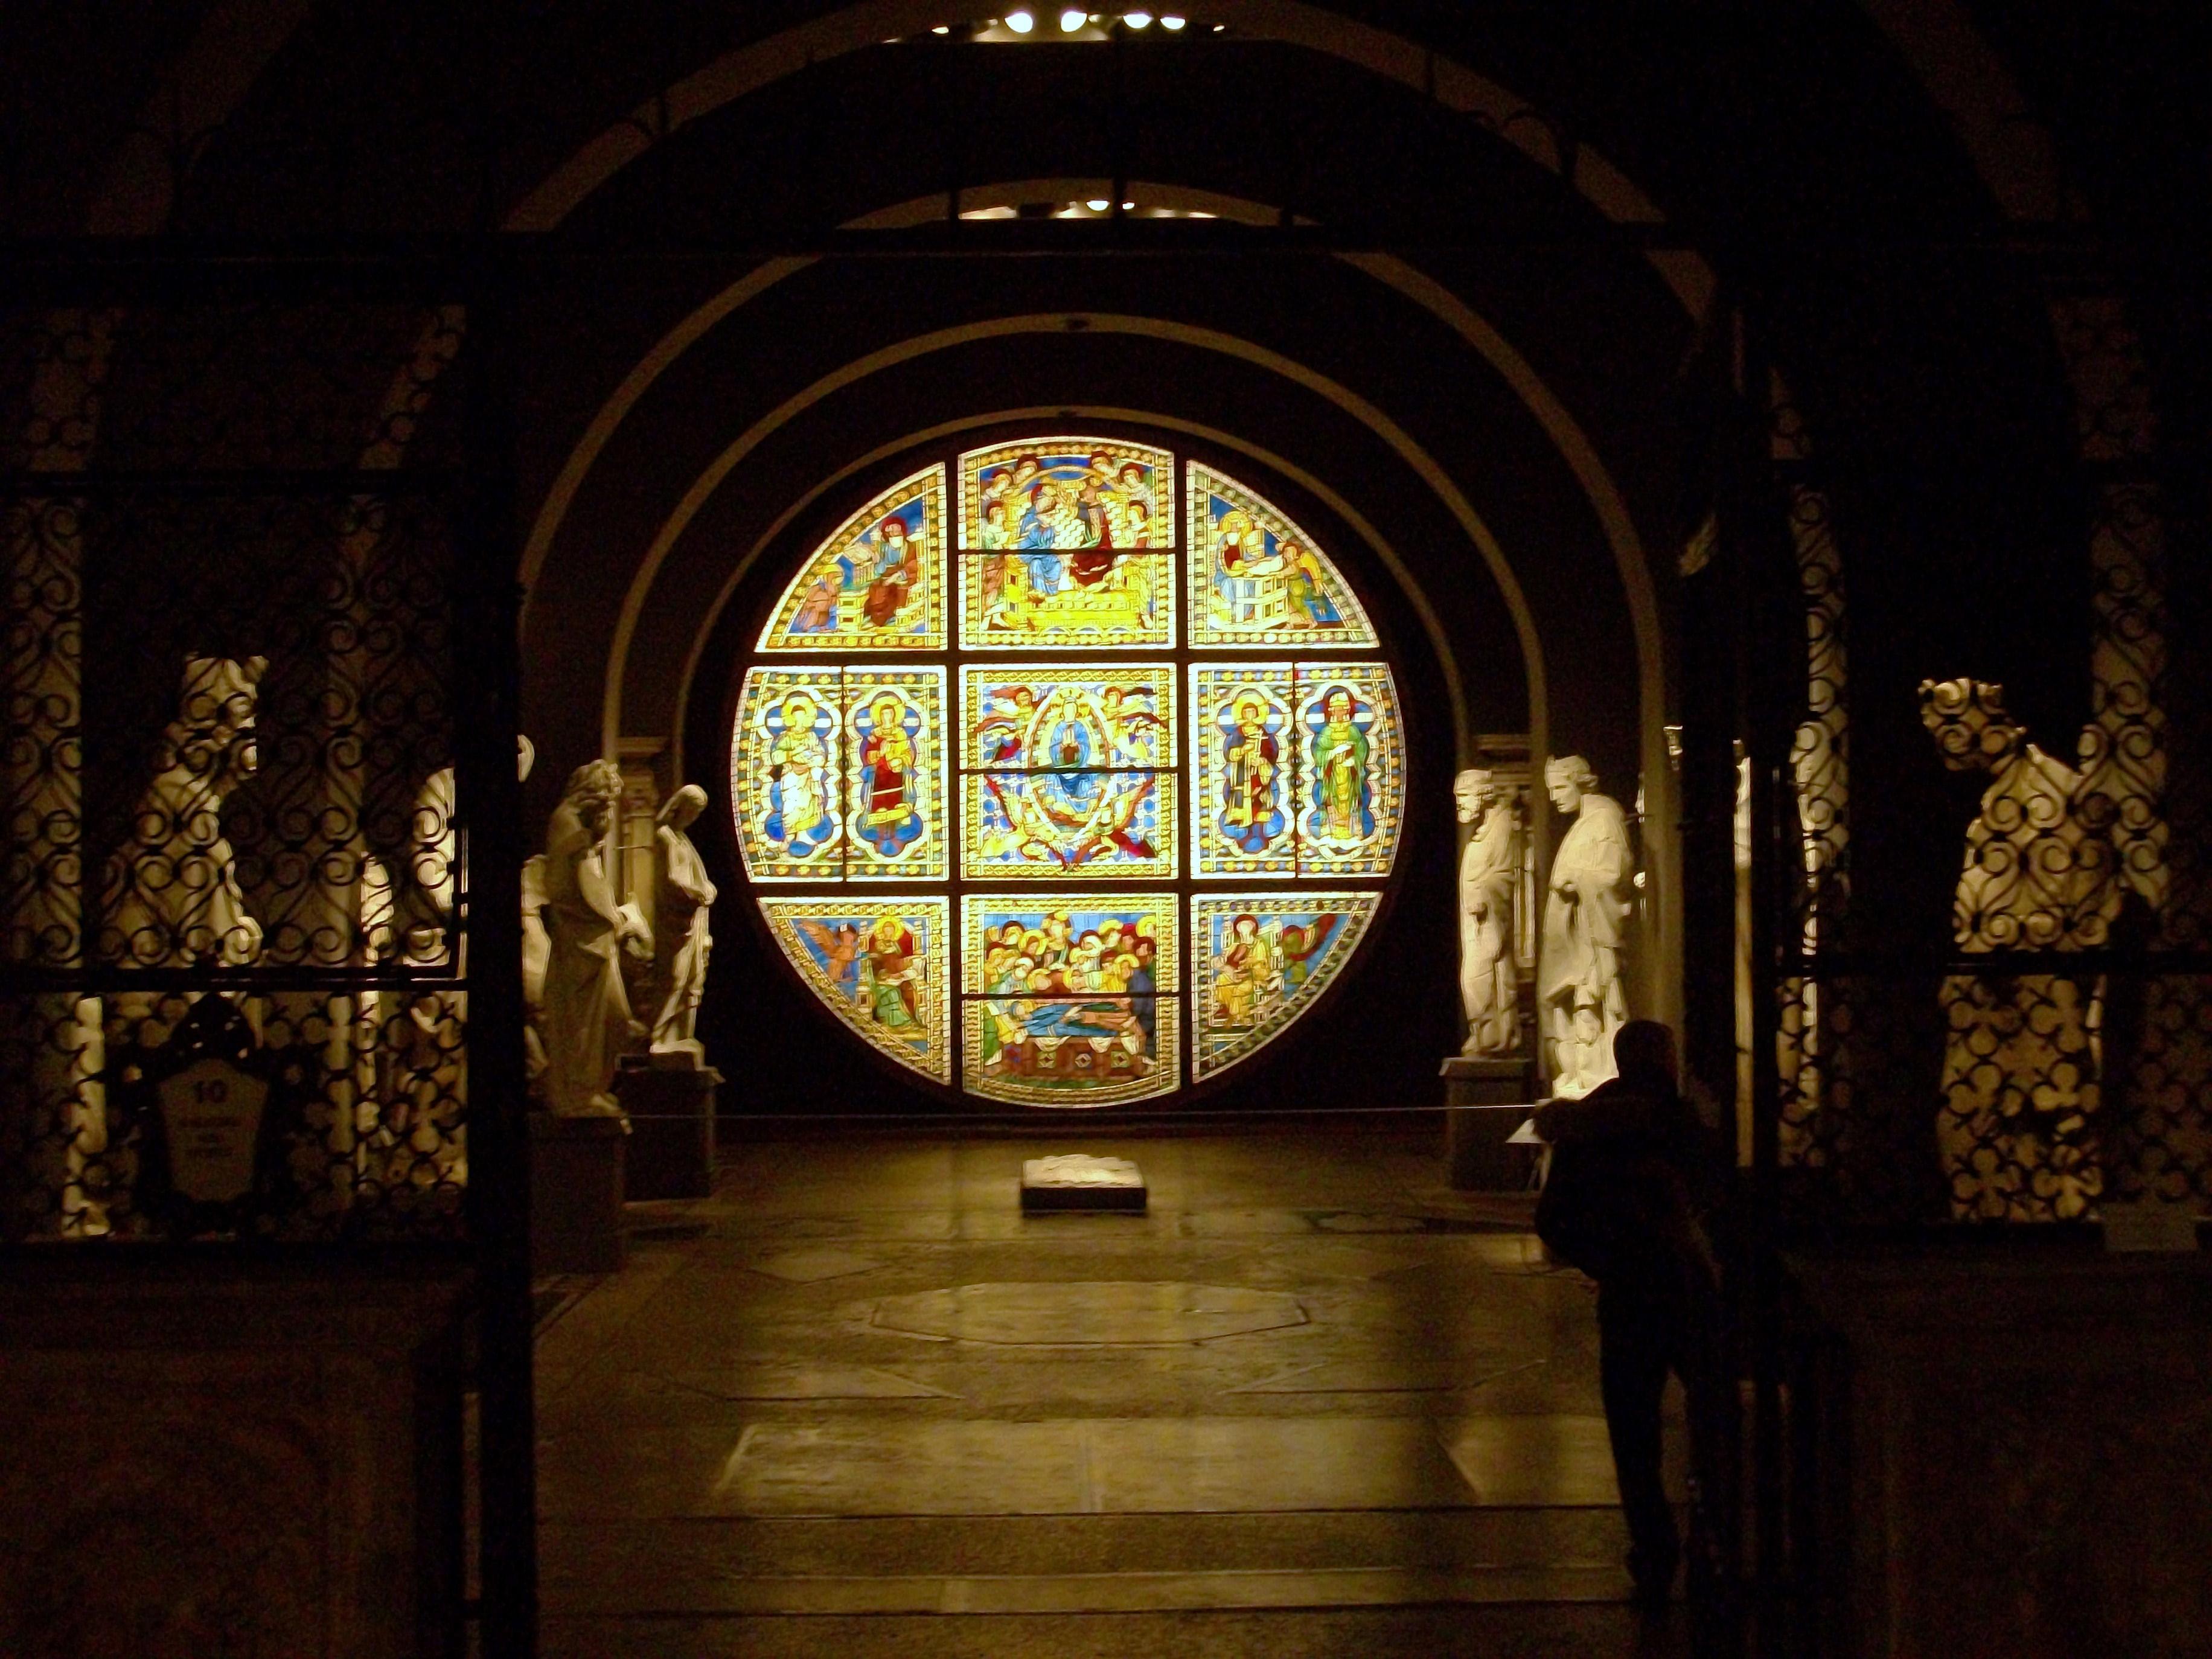 http://upload.wikimedia.org/wikipedia/commons/6/68/Interior_del_Museo_dell%27Opera_del_Duomo_de_Siena.JPG